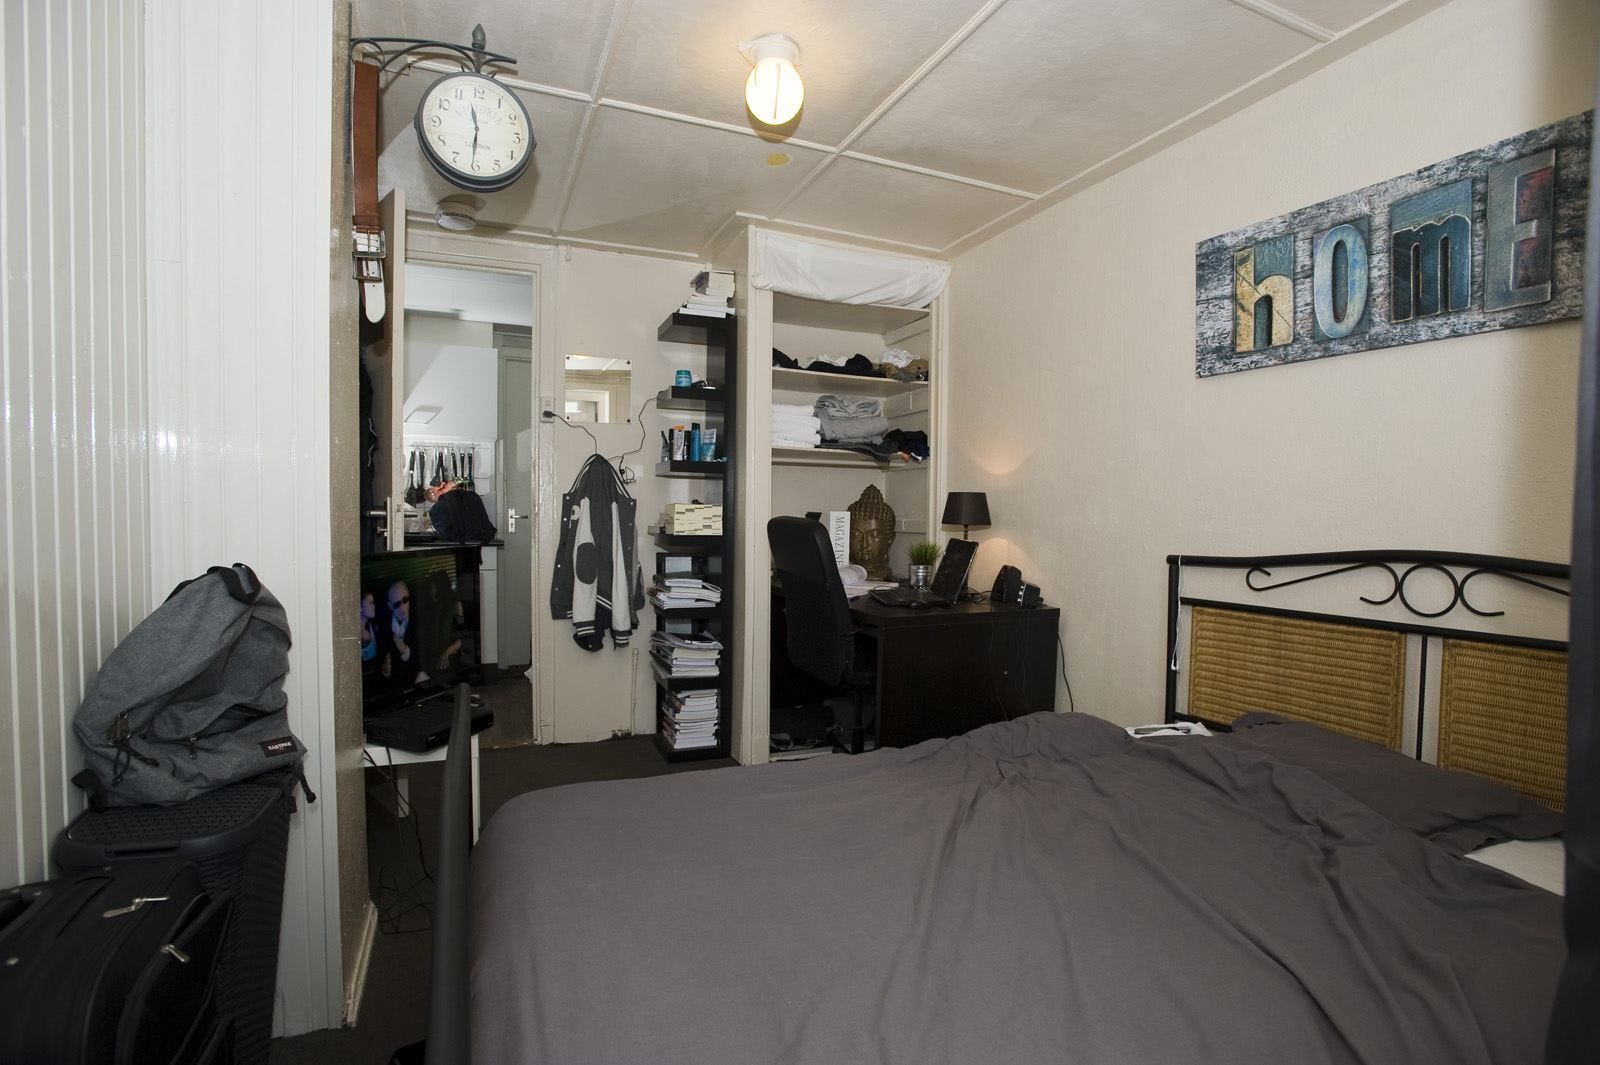 kleine slaapkamer creatief inrichten met veel kastruimte ~ lactate, Deco ideeën